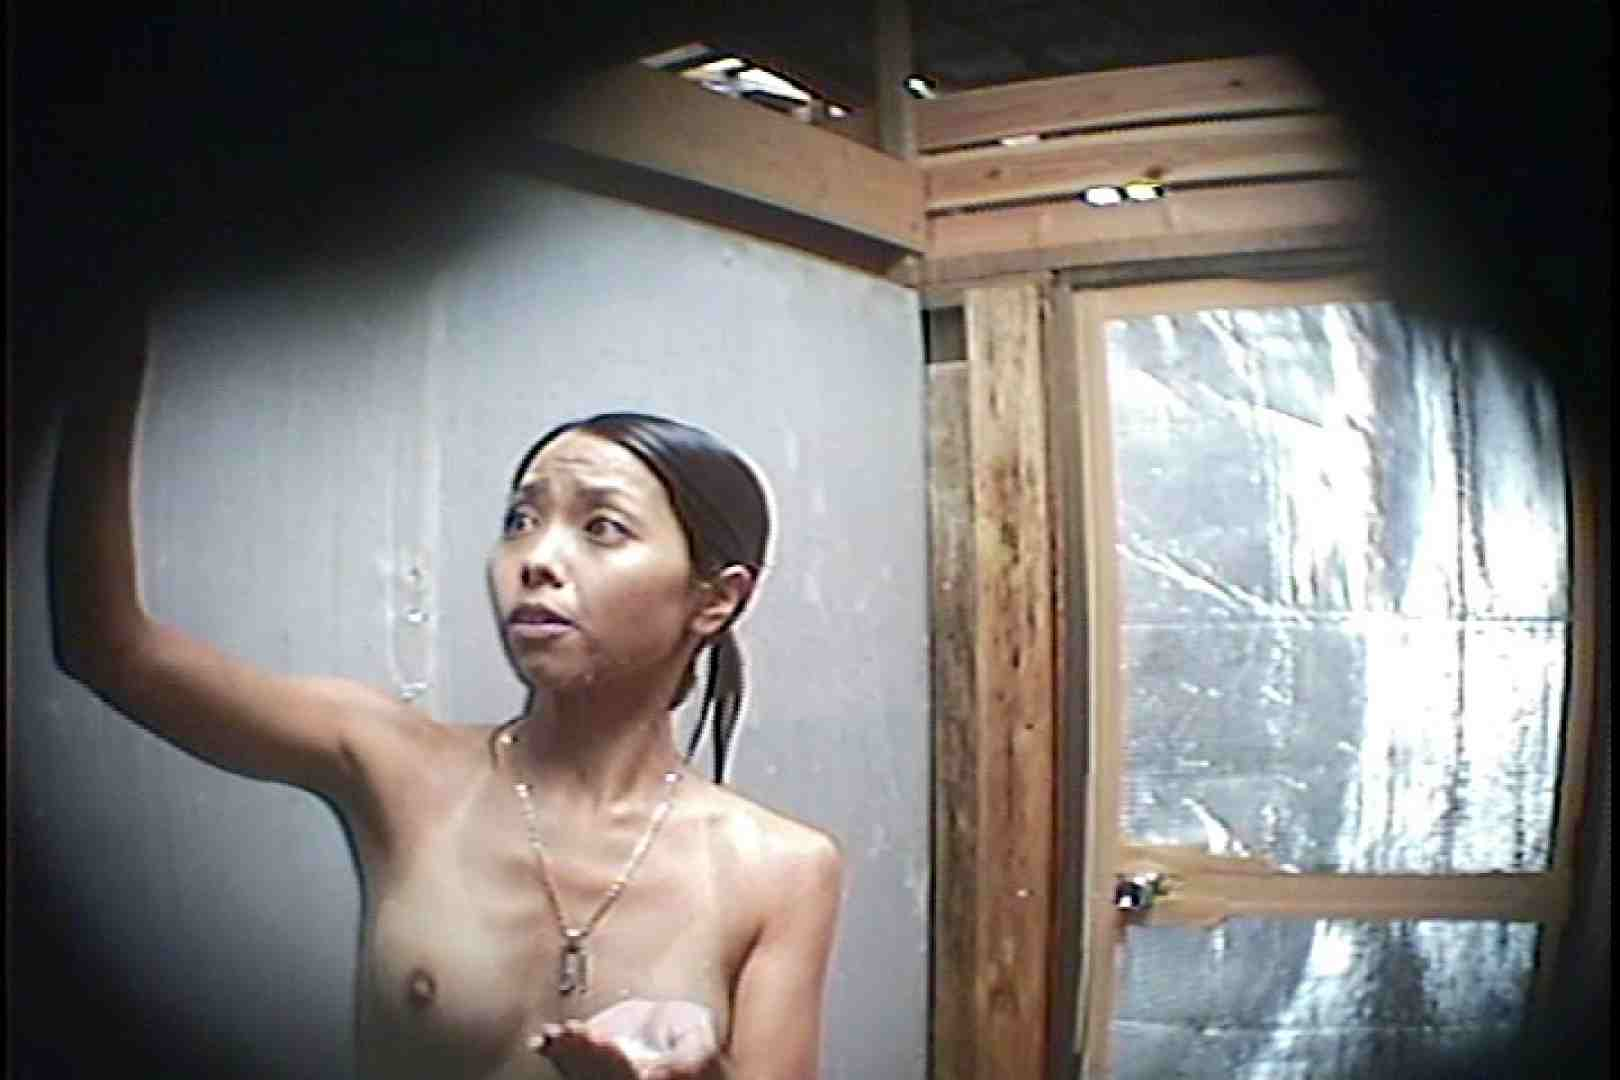 海の家の更衣室 Vol.45 美女 SEX無修正画像 79画像 64